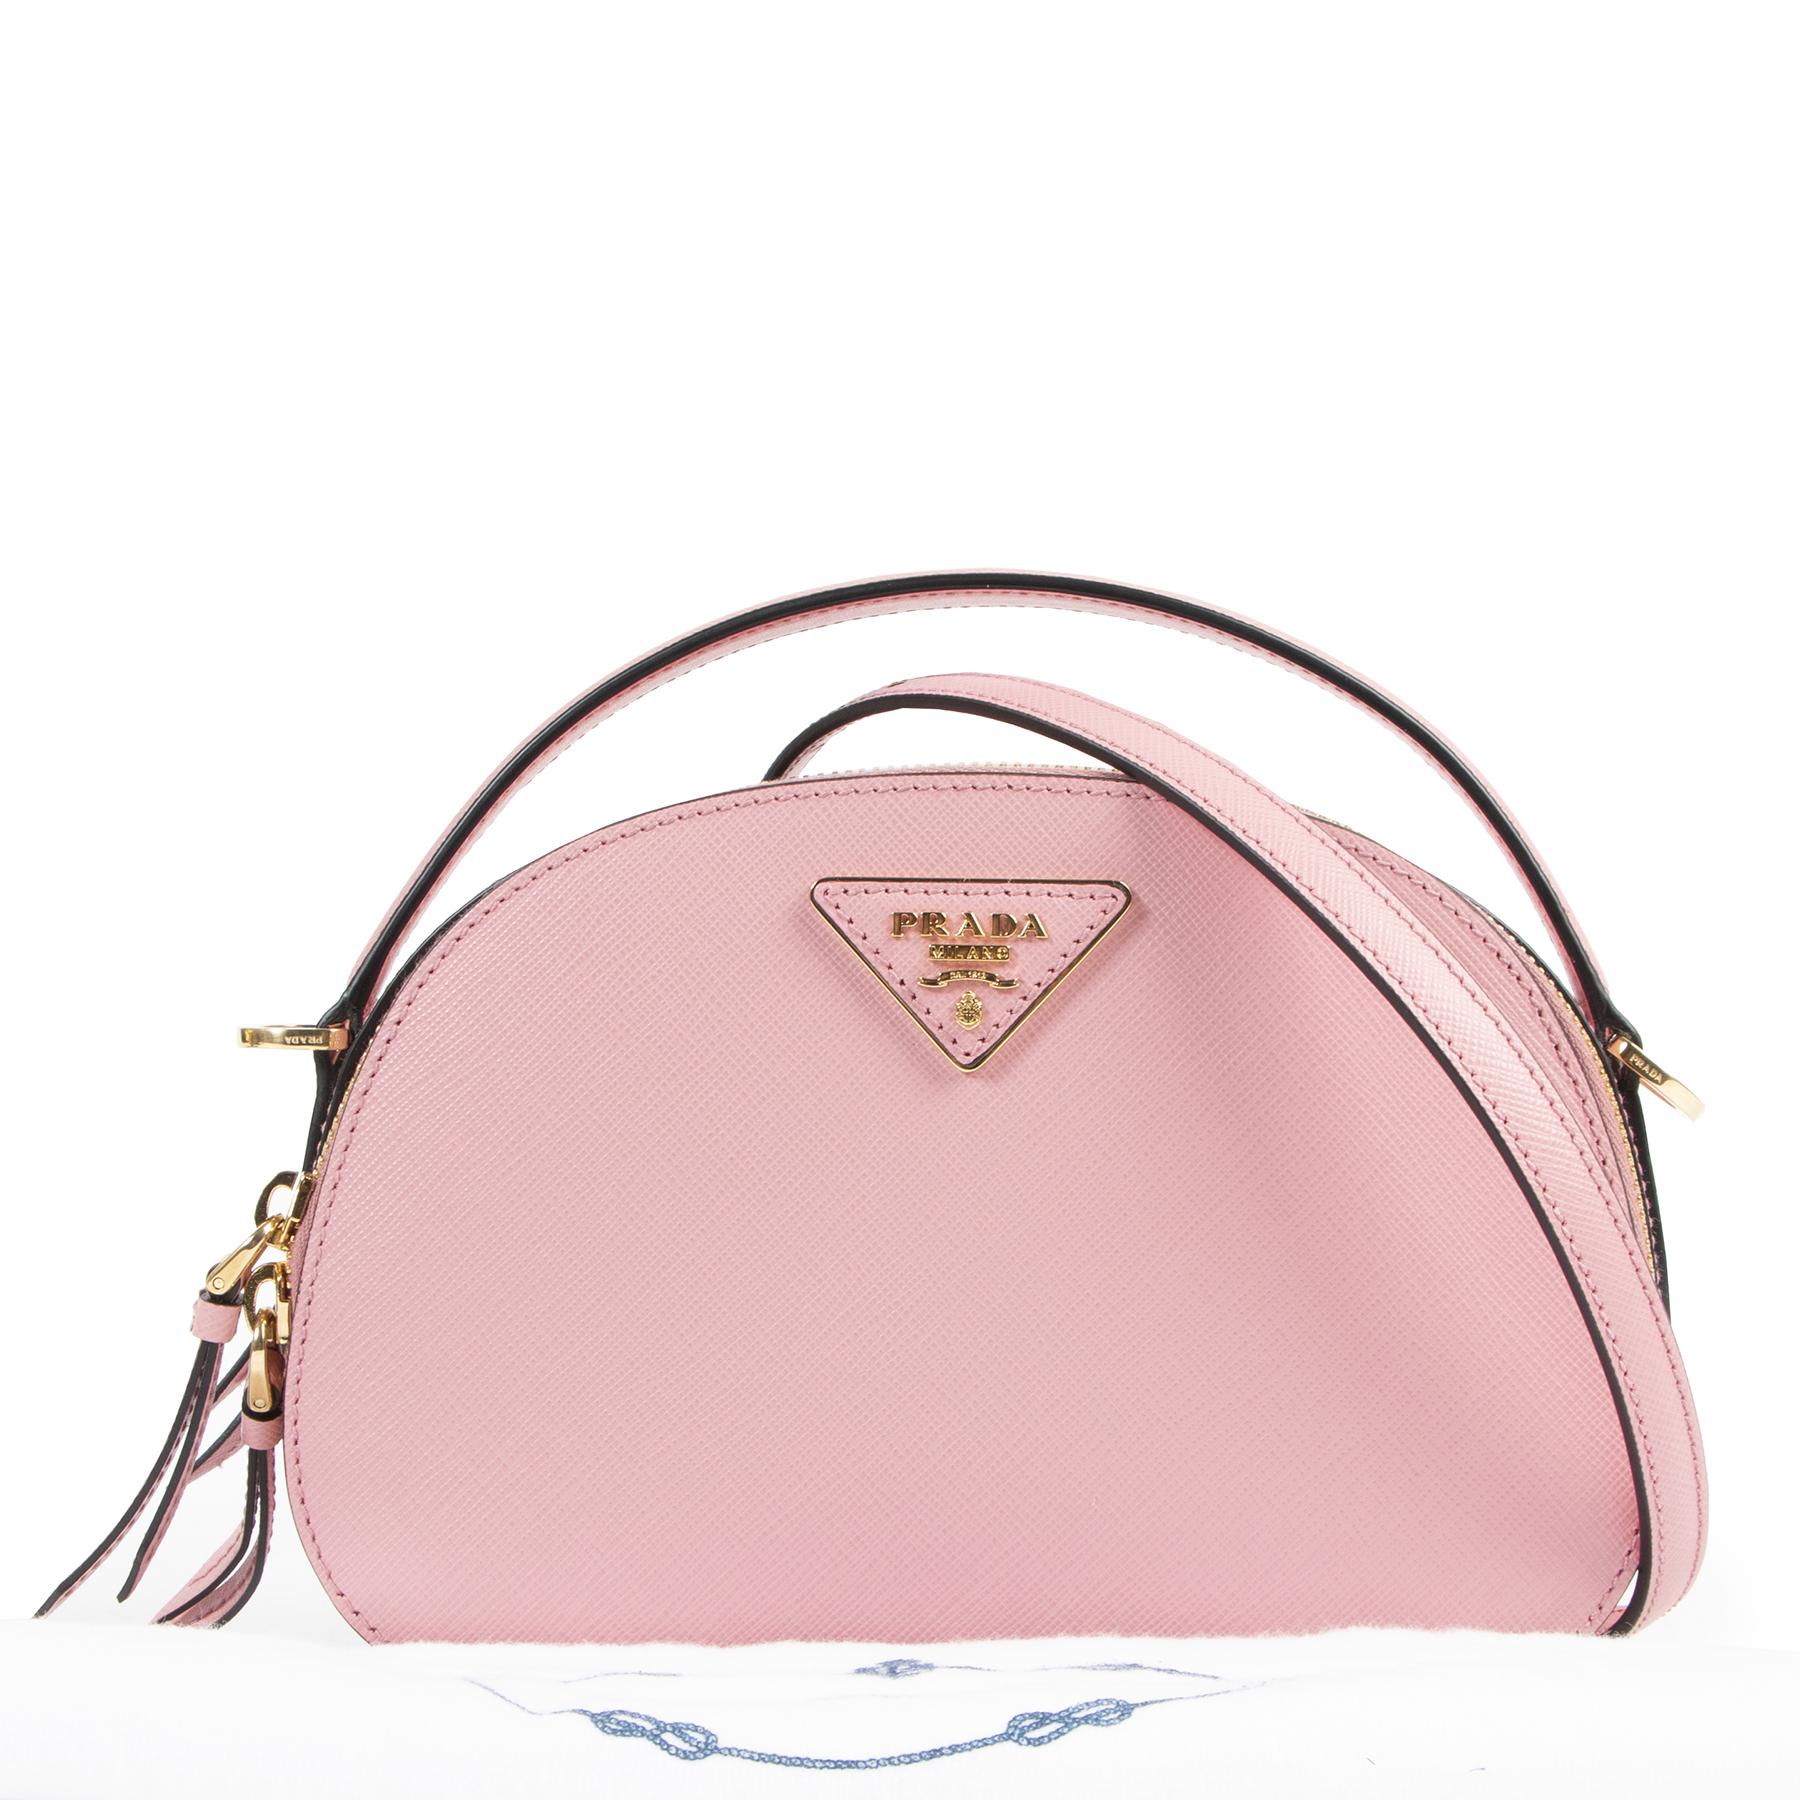 Authentieke Tweedehands Prada Pink Saffiano Leather Odette Bag juiste prijs veilig online shoppen luxe merken webshop winkelen Antwerpen België mode fashion